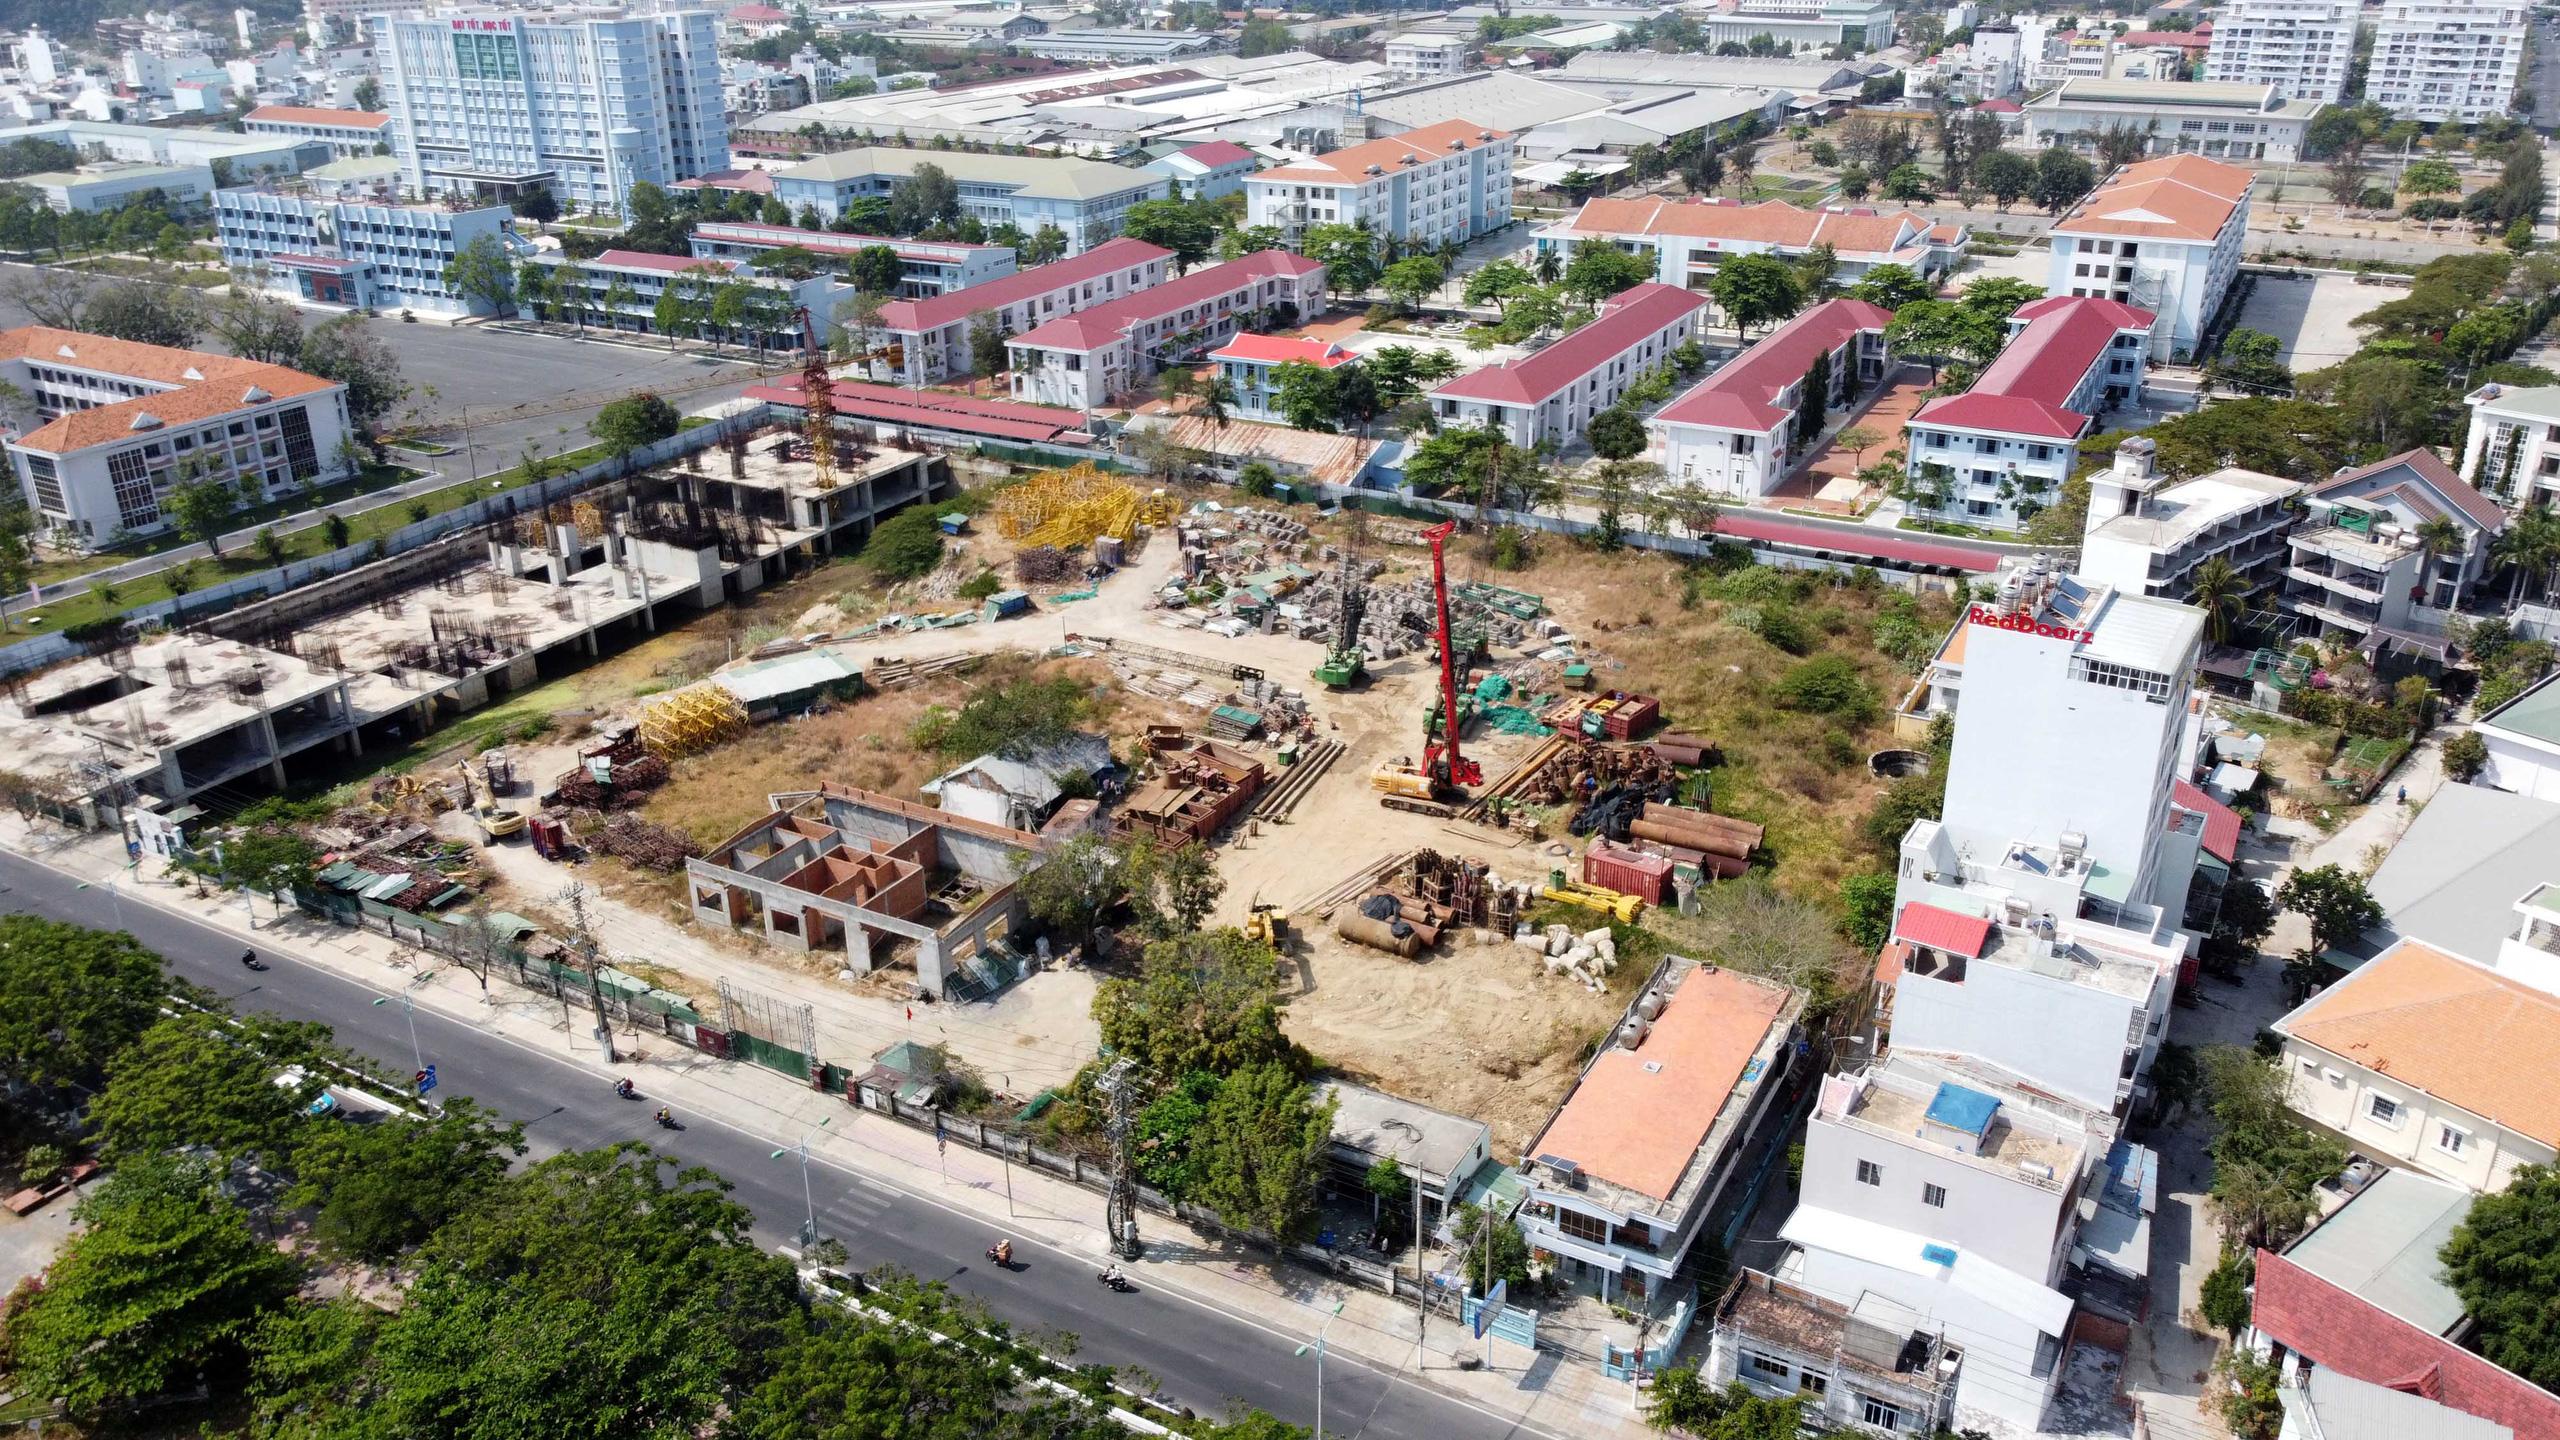 Hàng loạt dự án 'đất vàng' mặt tiền biển Nha Trang trở thành bãi hoang - Ảnh 9.